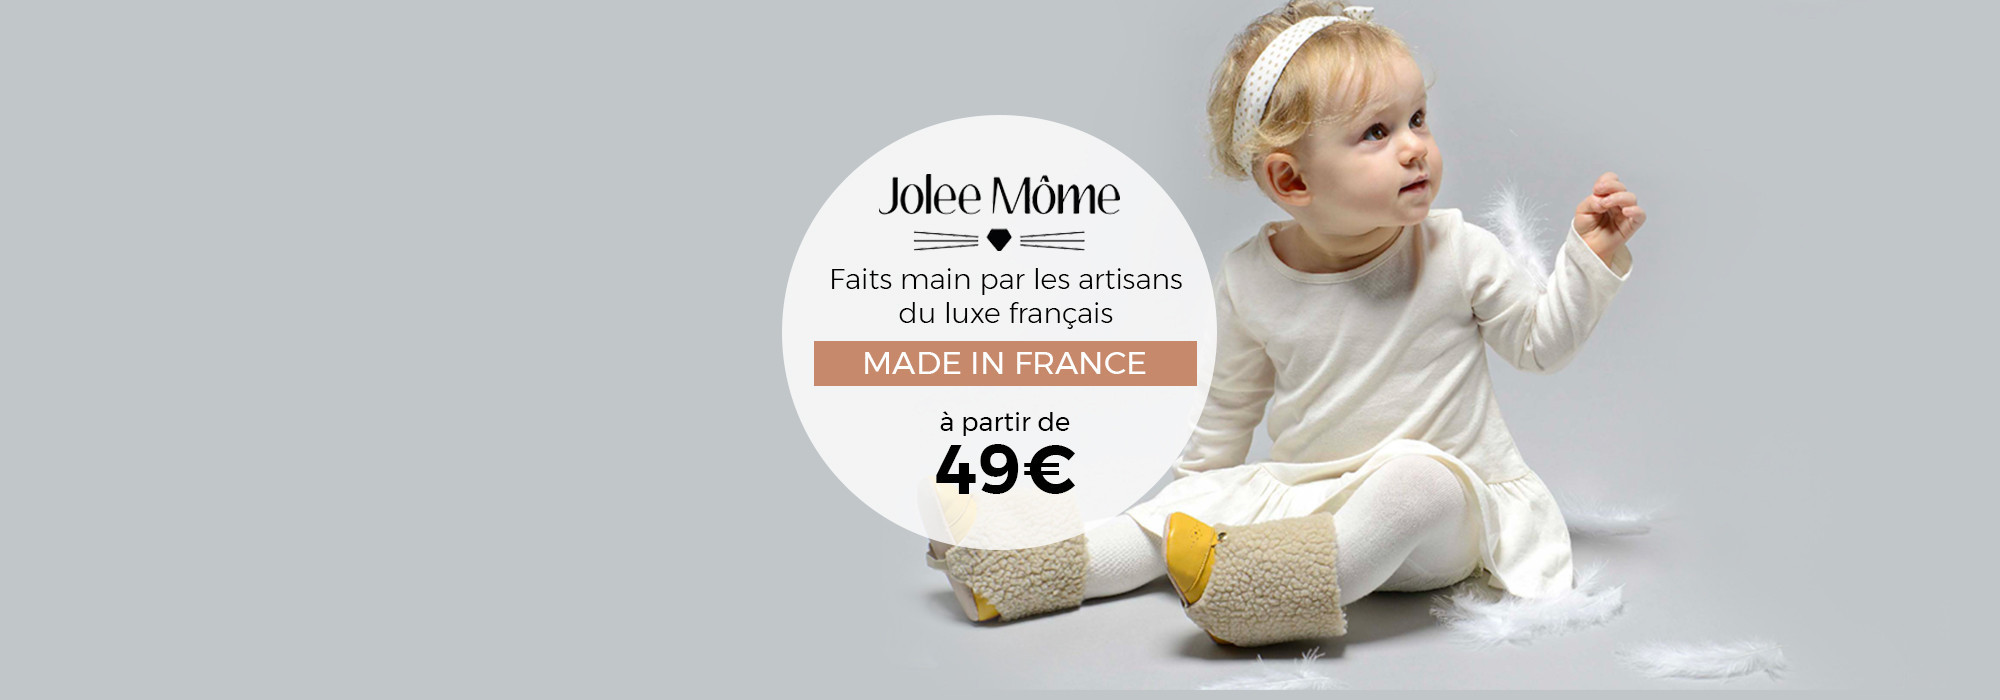 Jolee Môme